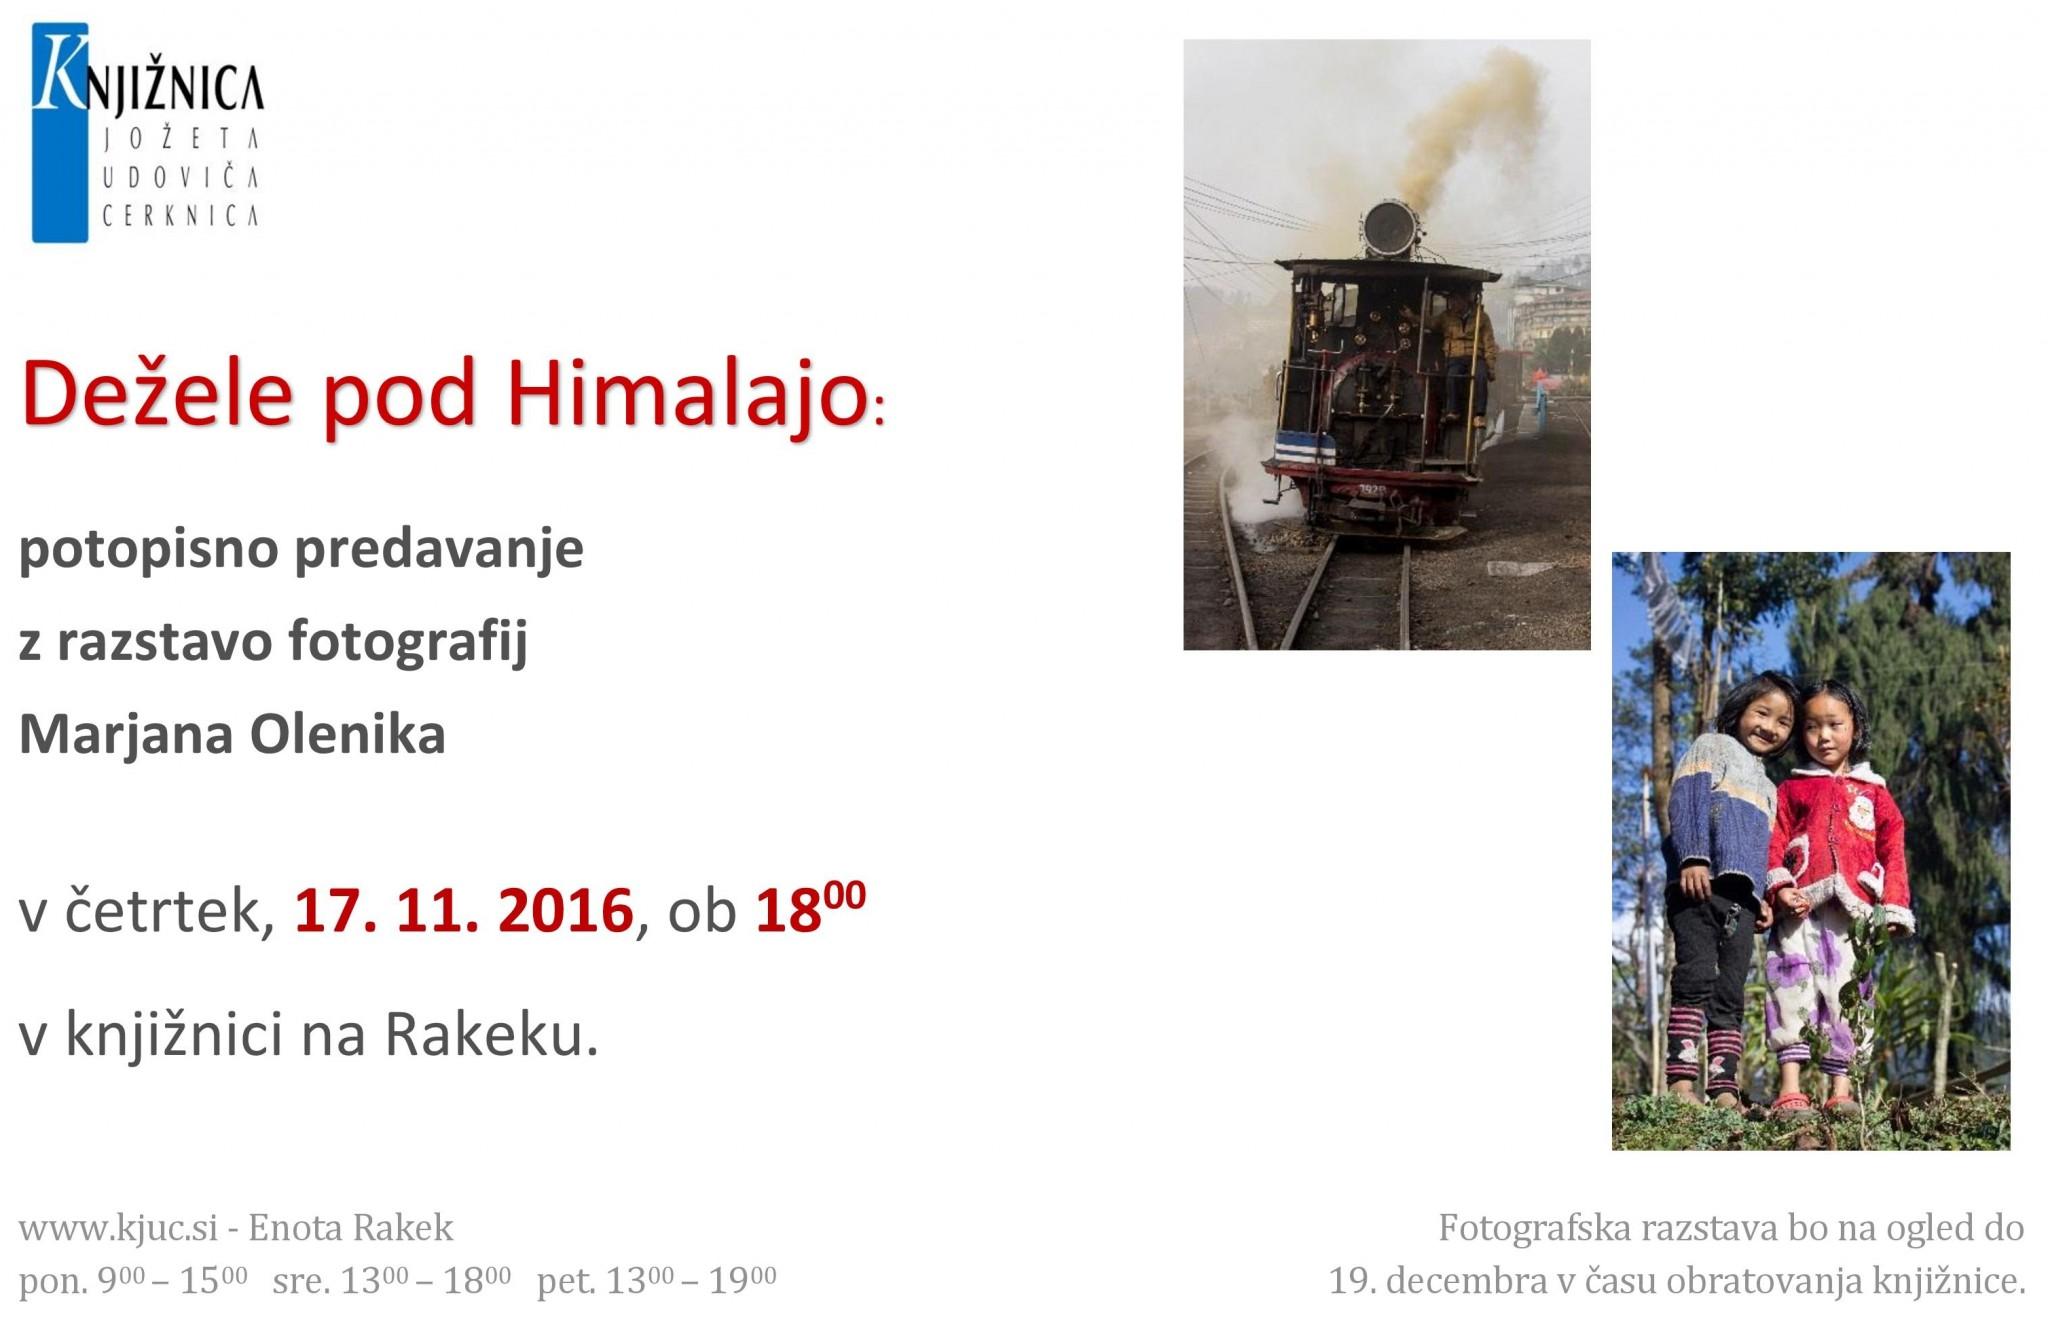 cover 1 - Dežele pod Himalajo: potopisno predavanje z razstavo fotografij Marjana Olenika